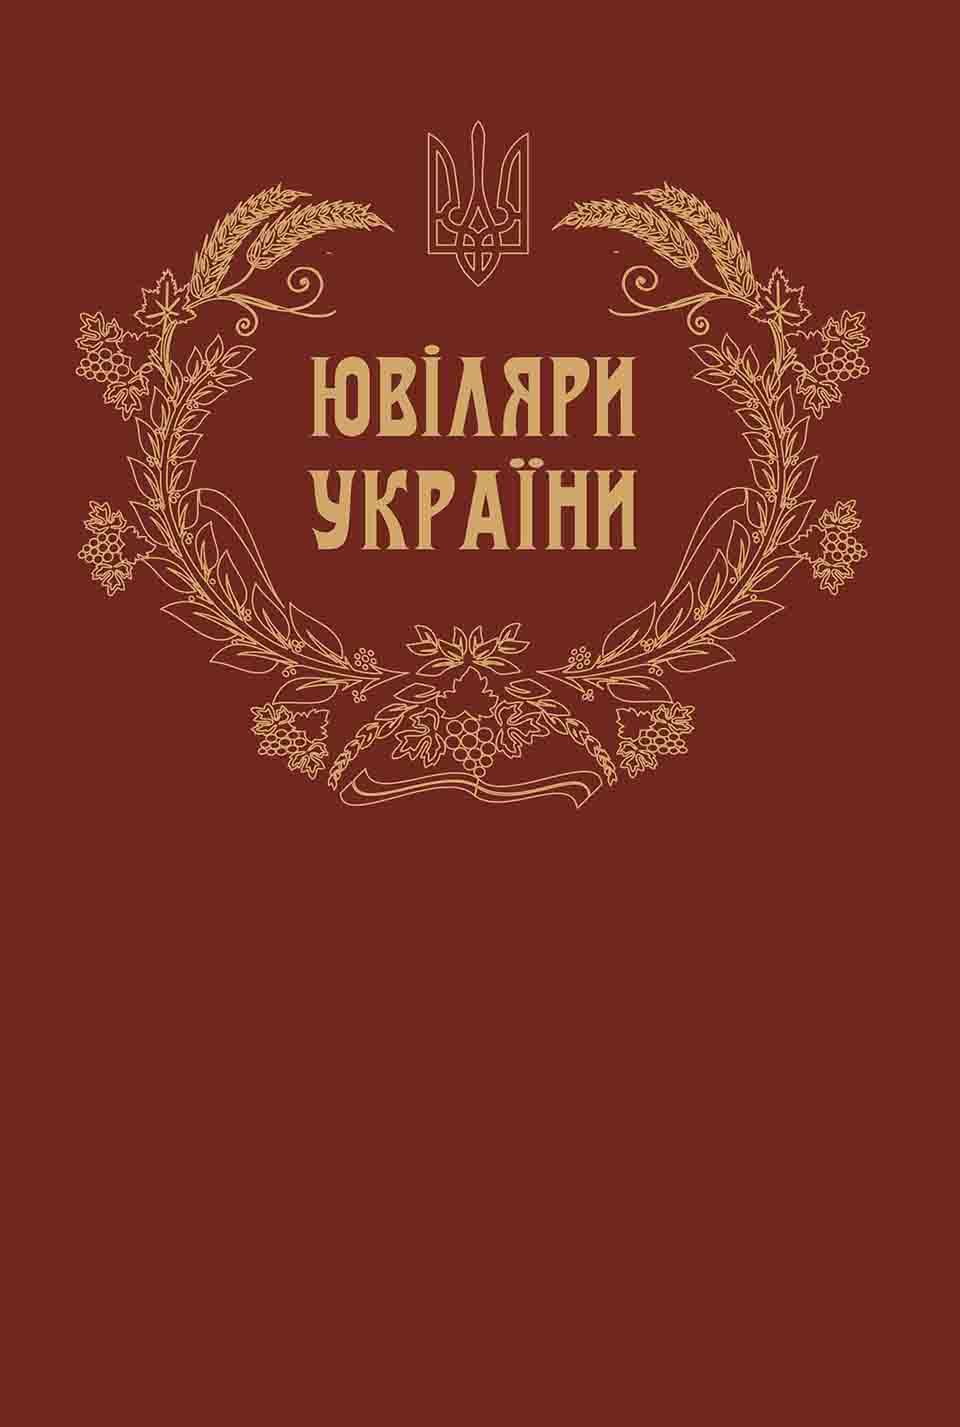 Ювіляри України. Події та особистості ХХІ століття 2015